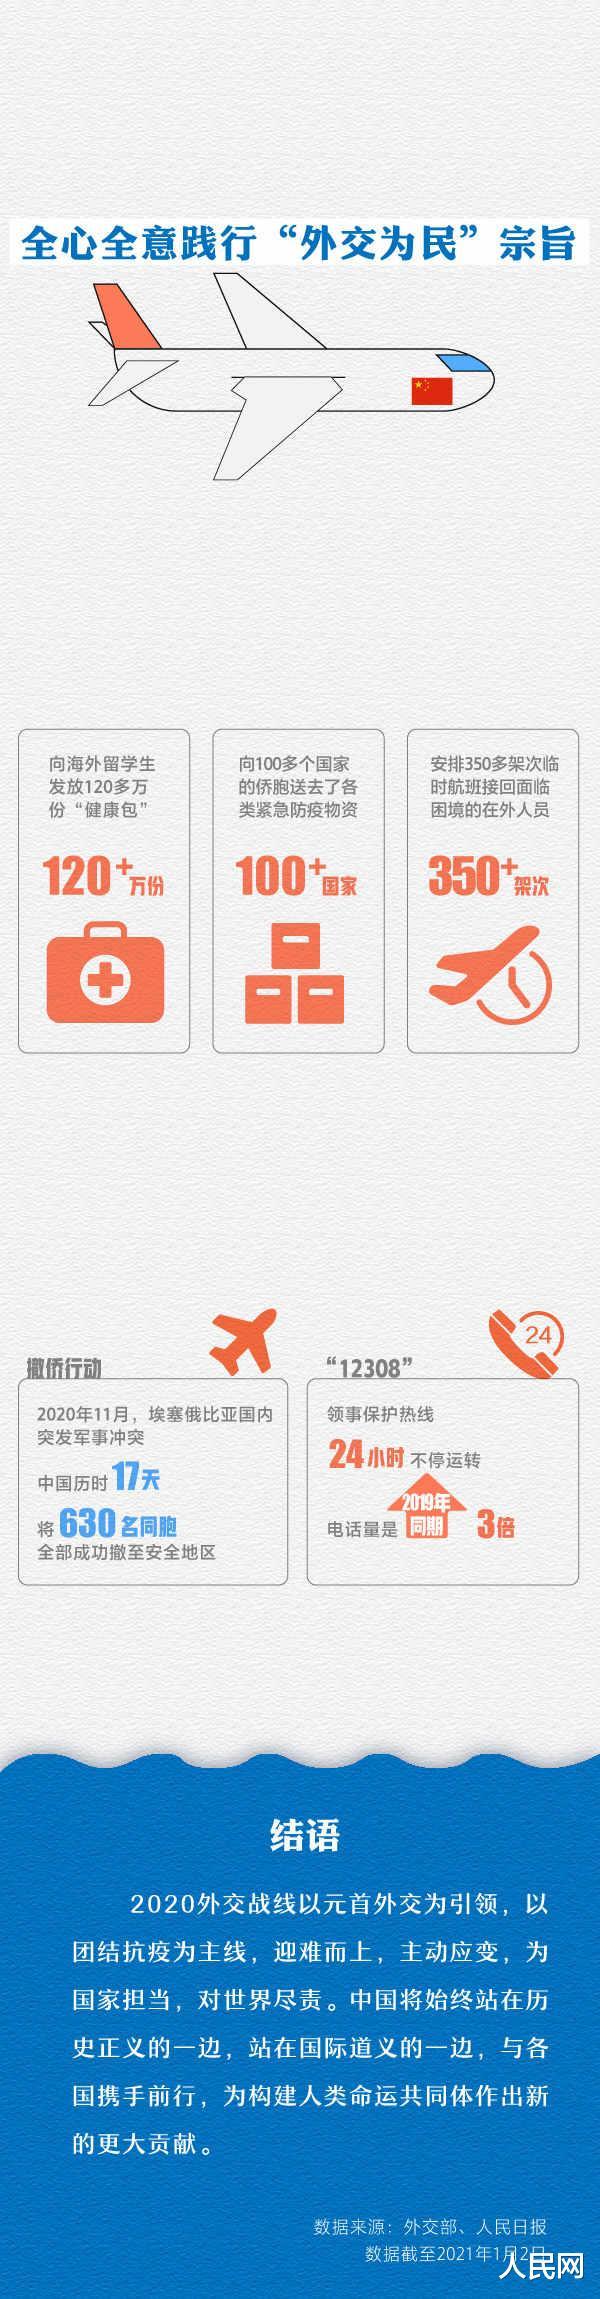 2020年中國外交乘風破浪堅毅前行-圖10